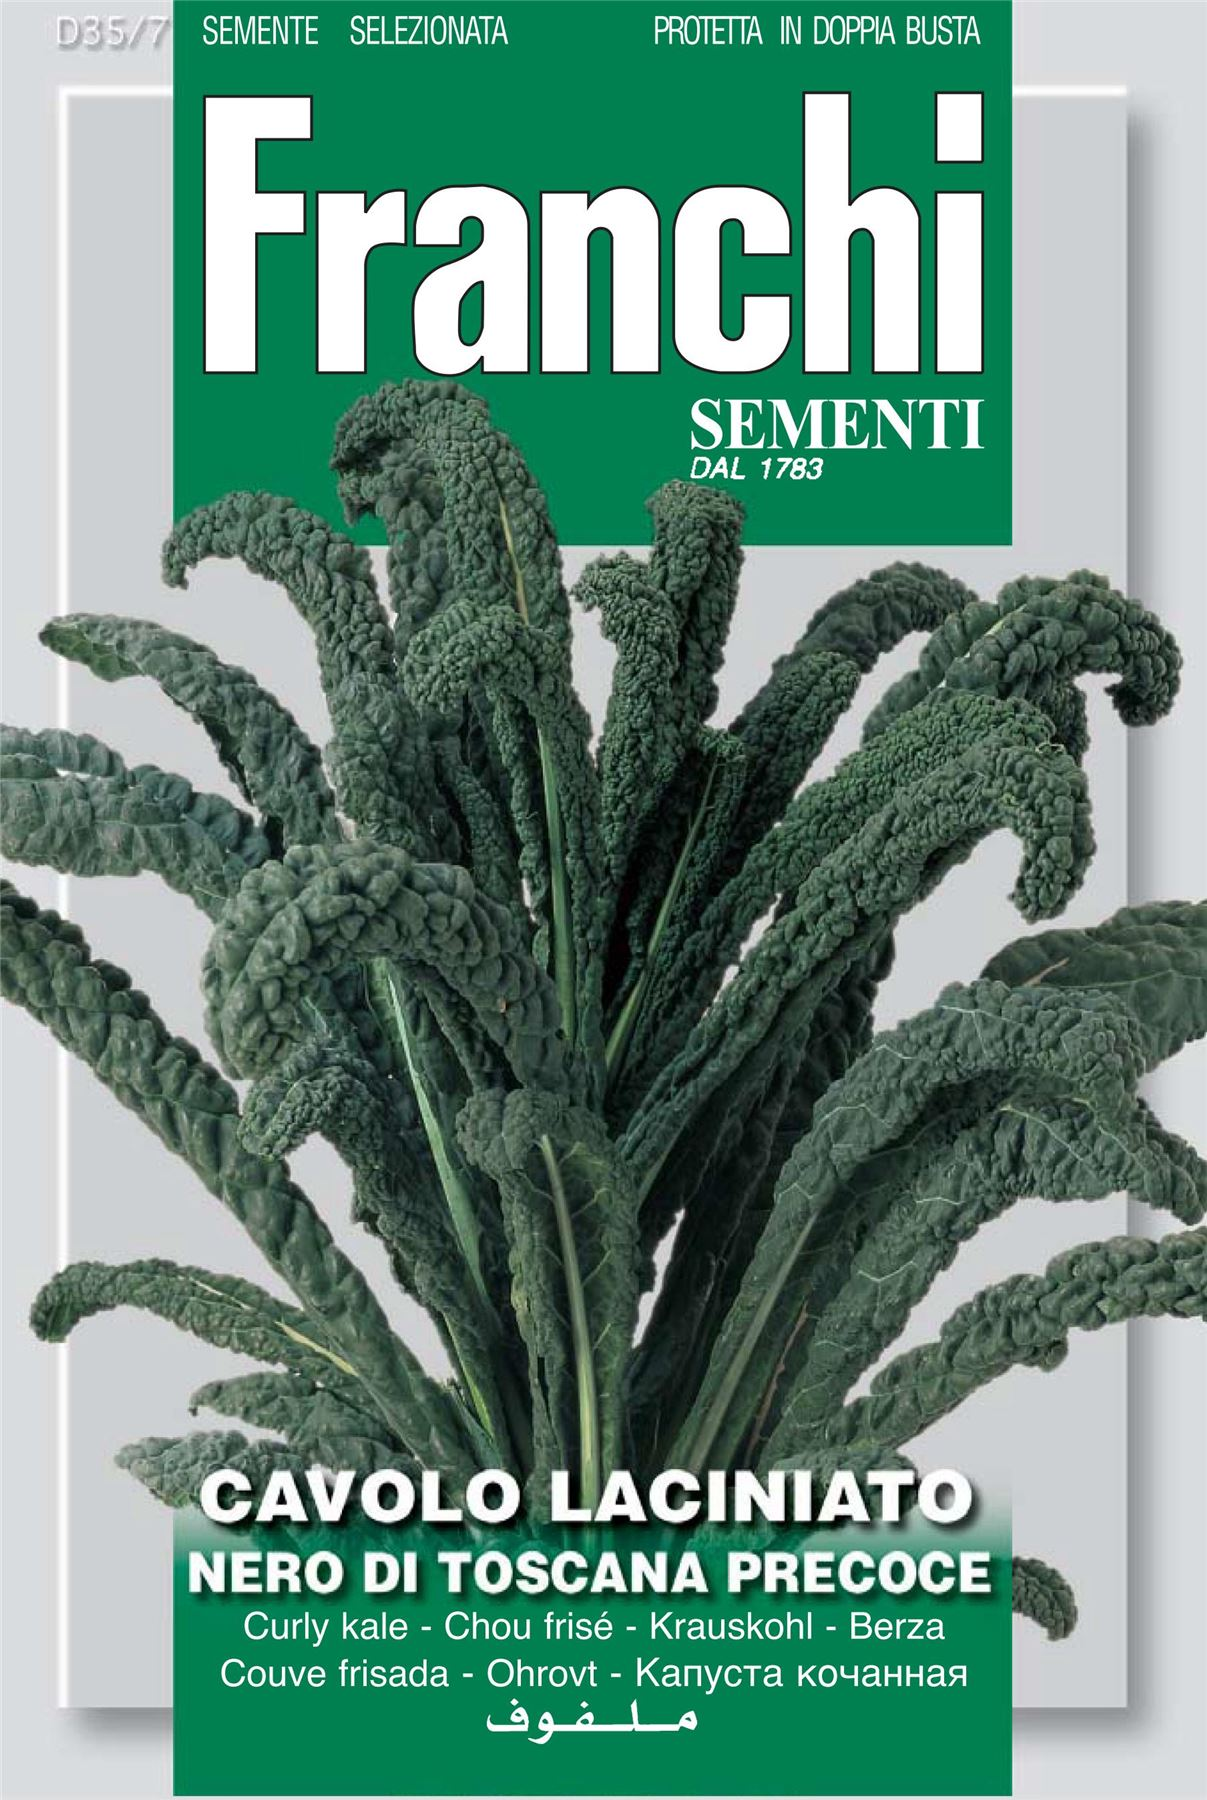 400 graines Johnsons graines-paquet pictural-légumes-chou frisé nero di toscana